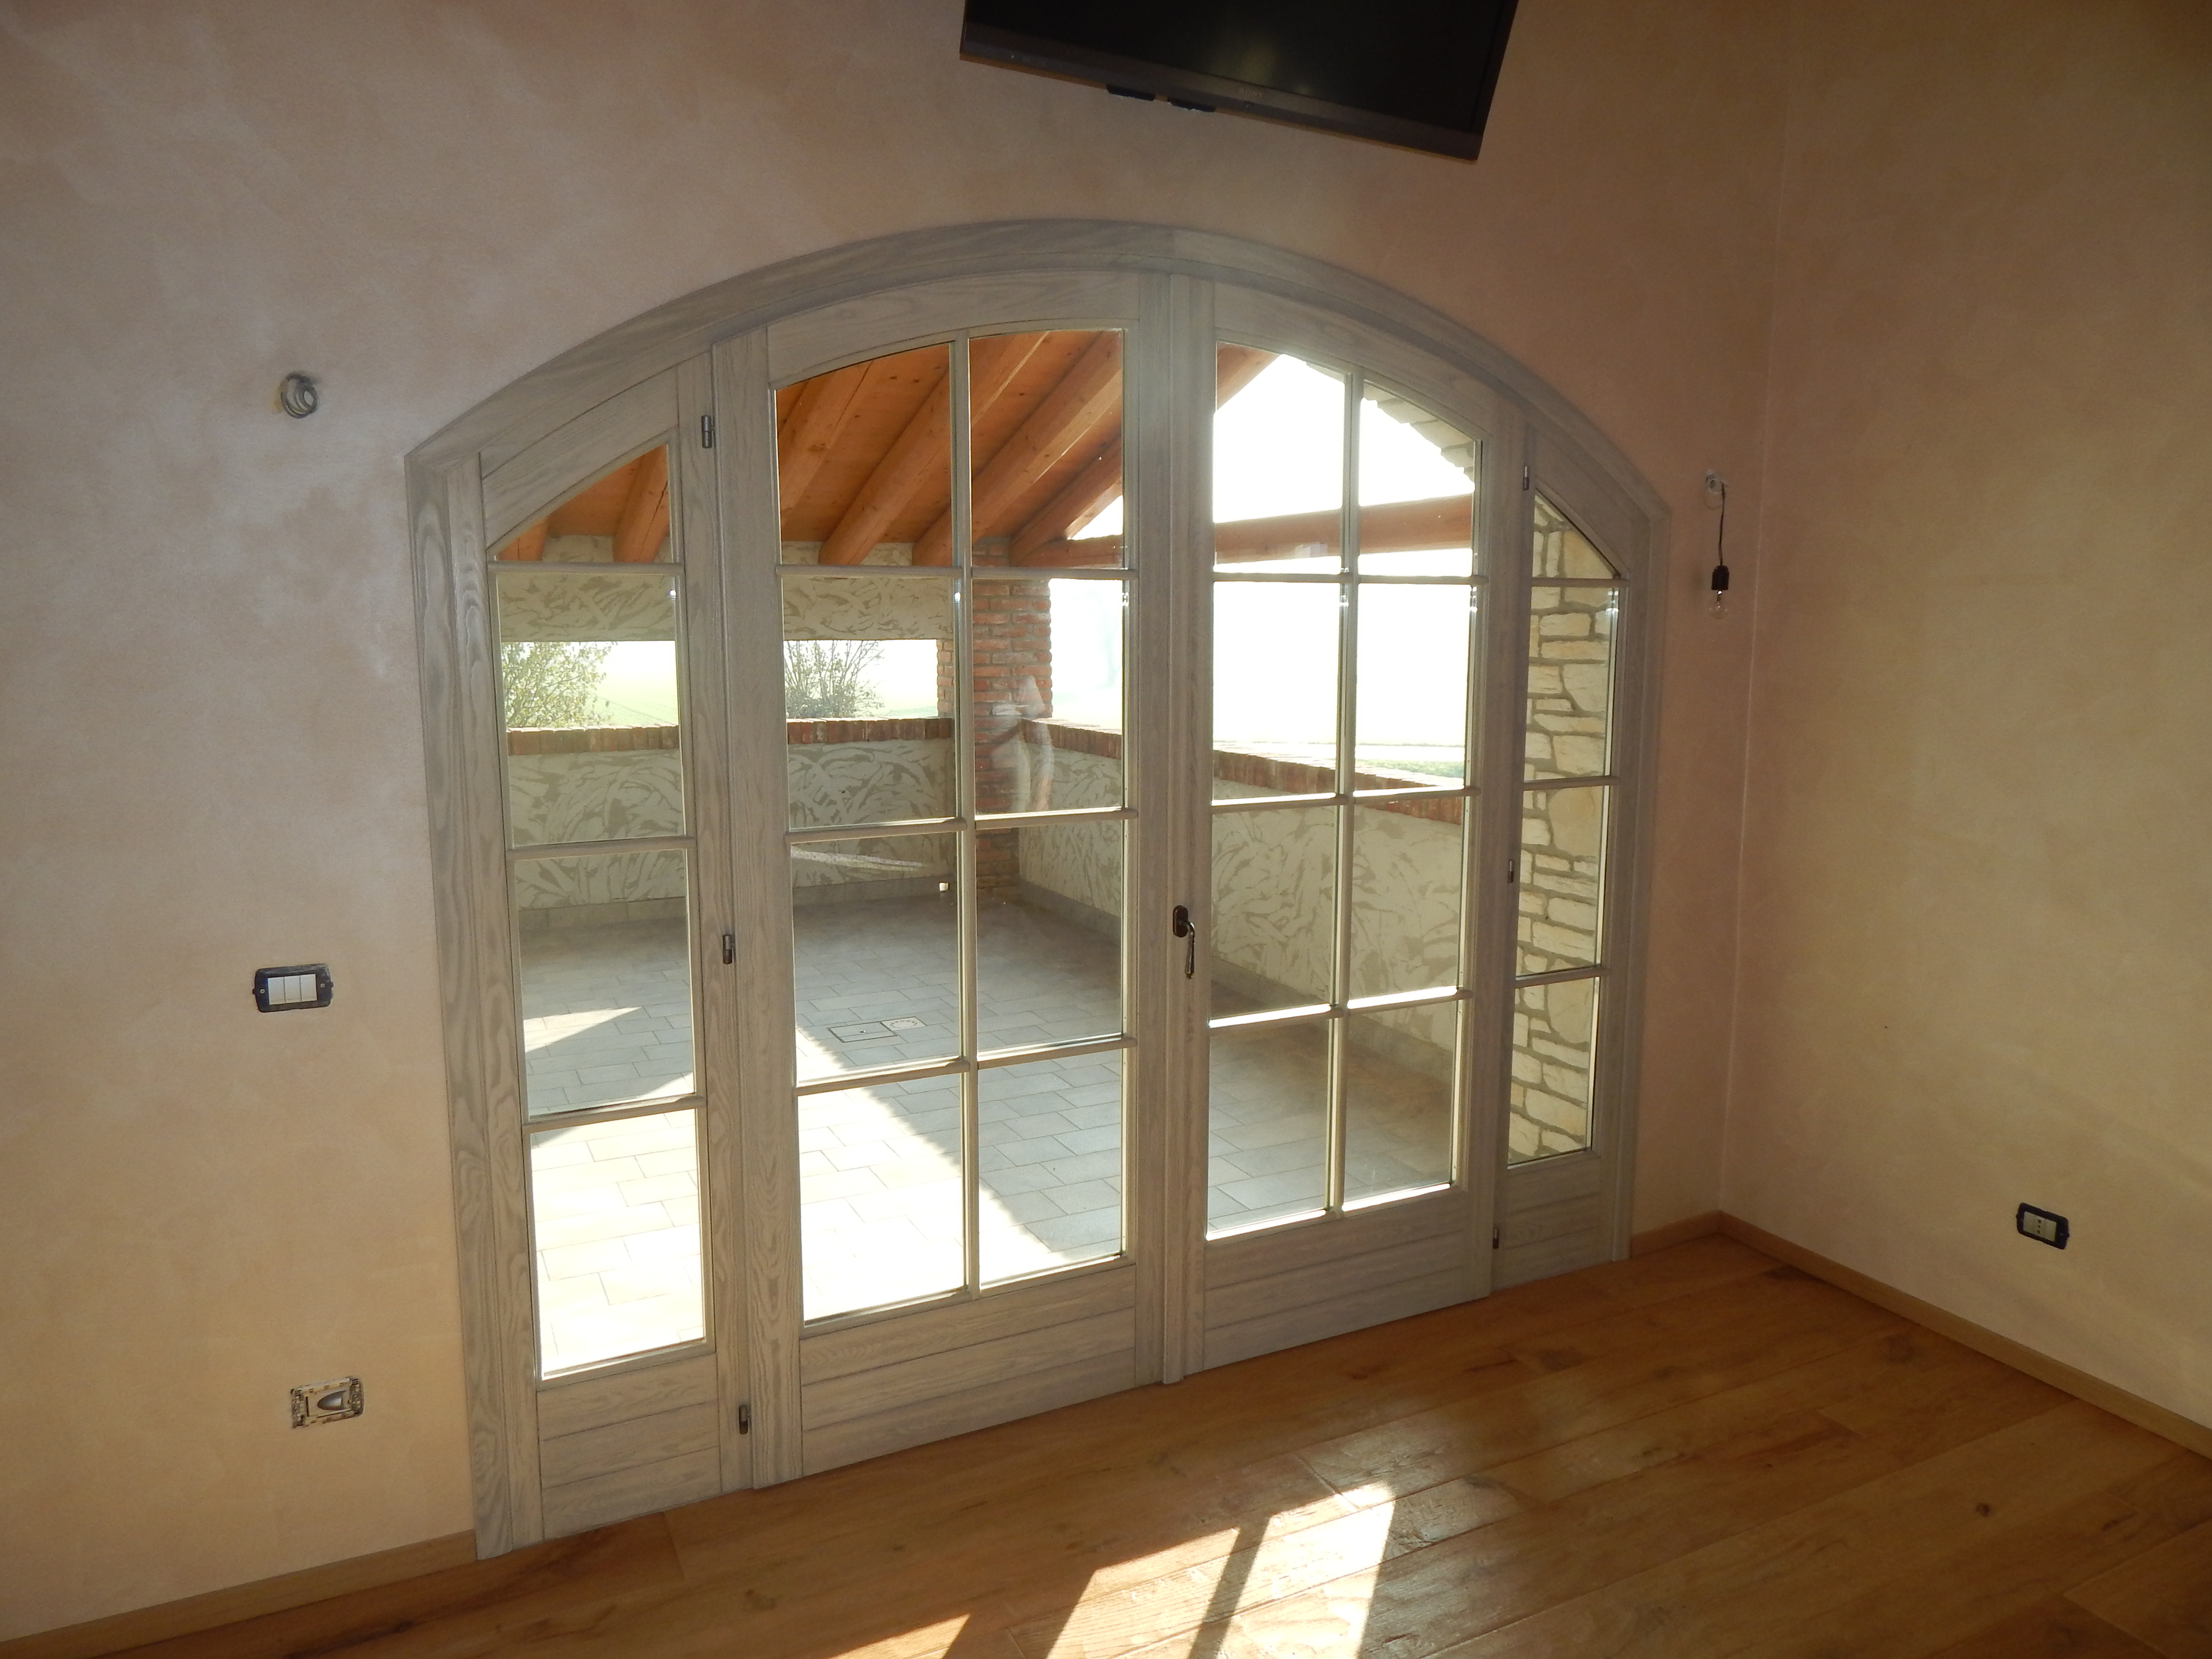 Portafinestra ad arco in larice spazzolato padova - Cambiare finestre ...